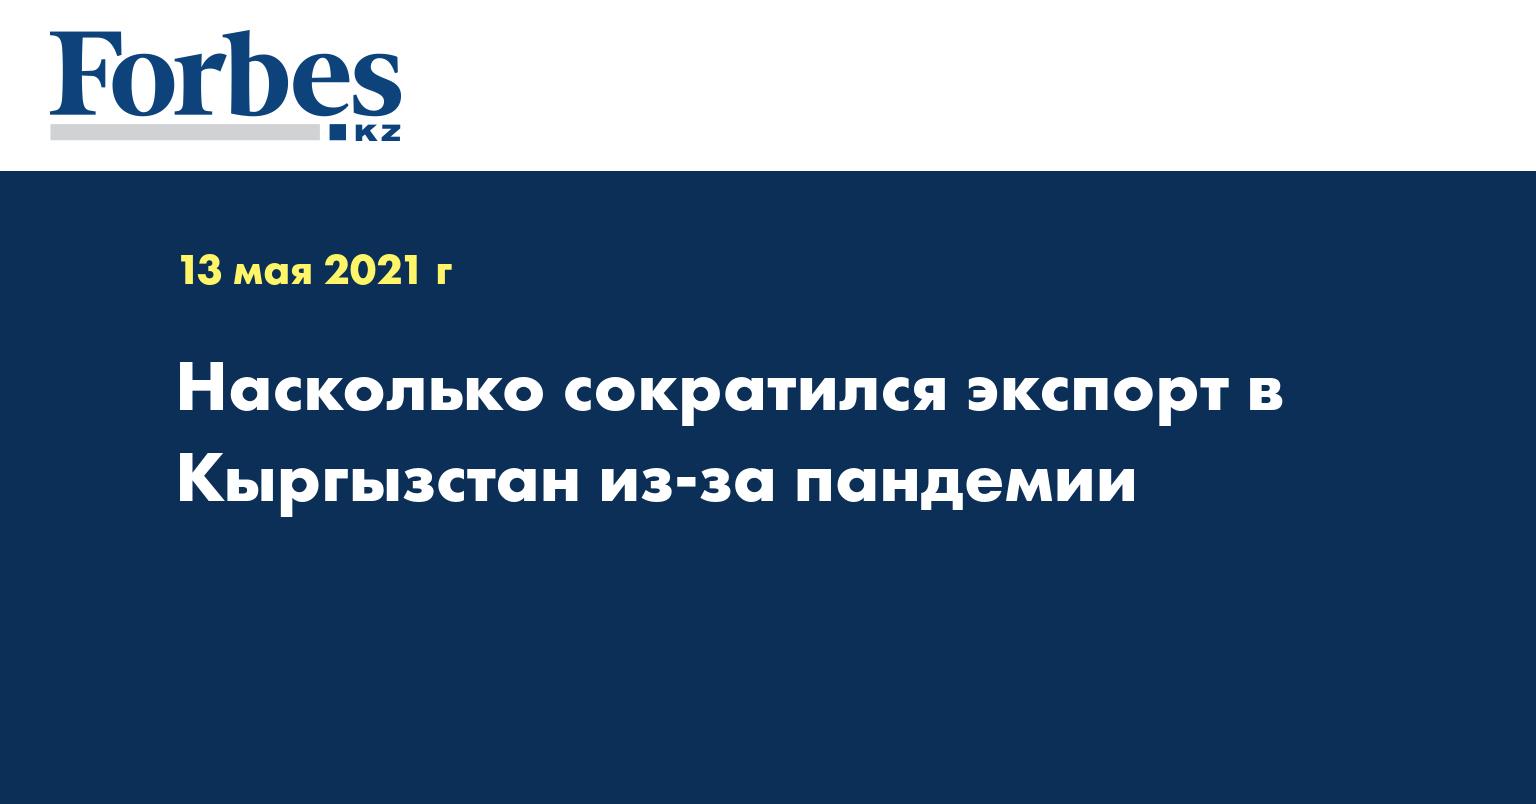 Насколько сократился экспорт в Кыргызстан из-за пандемии